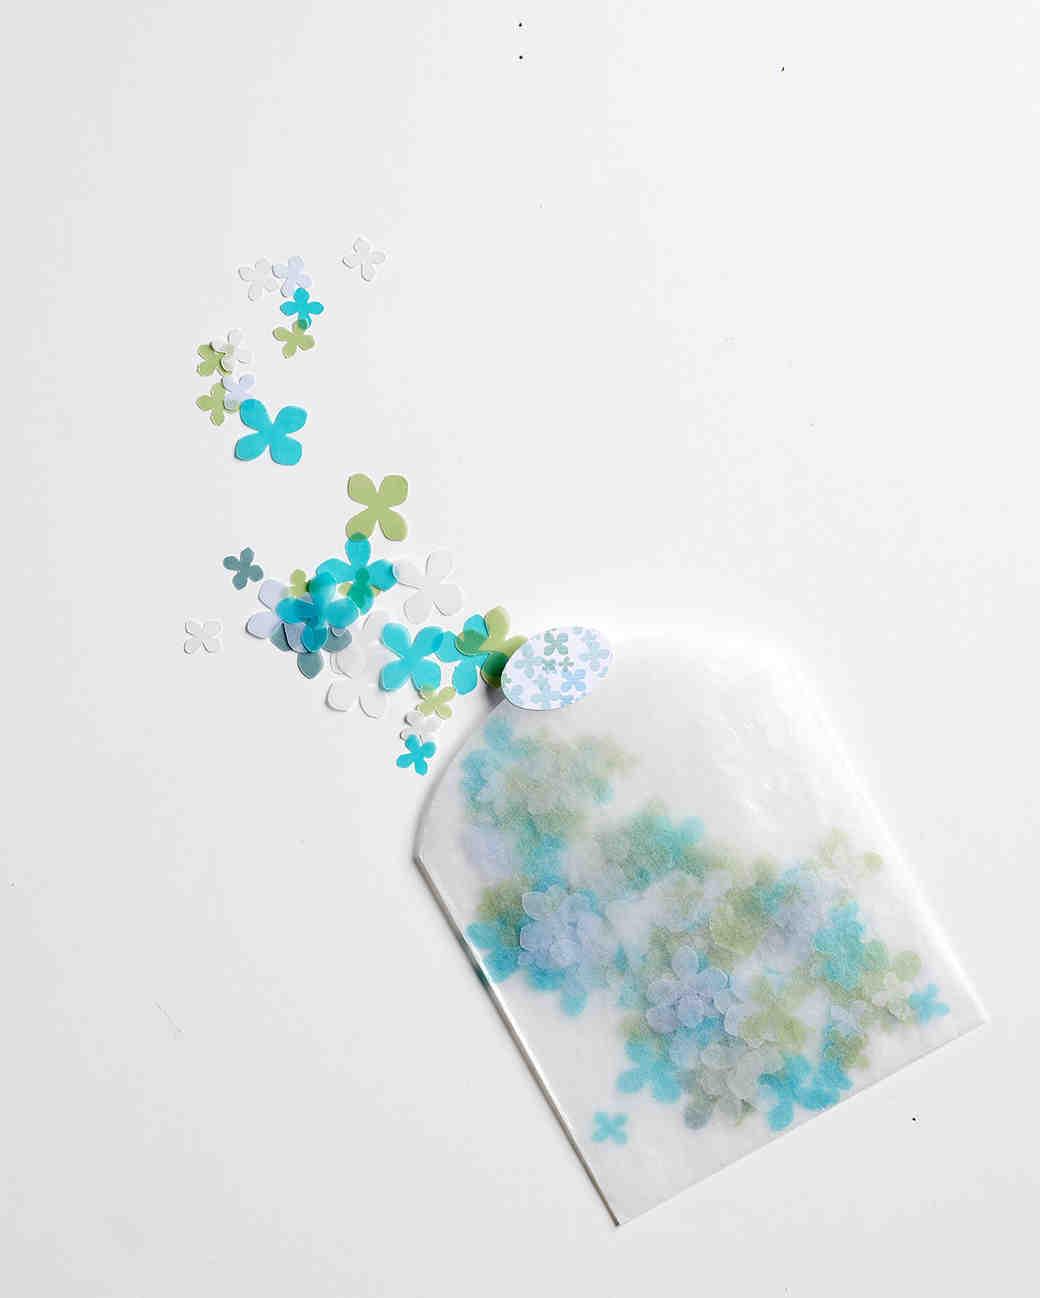 diy-beach-wedding-ideas-sea-glass-confetti-su09-0615.jpg